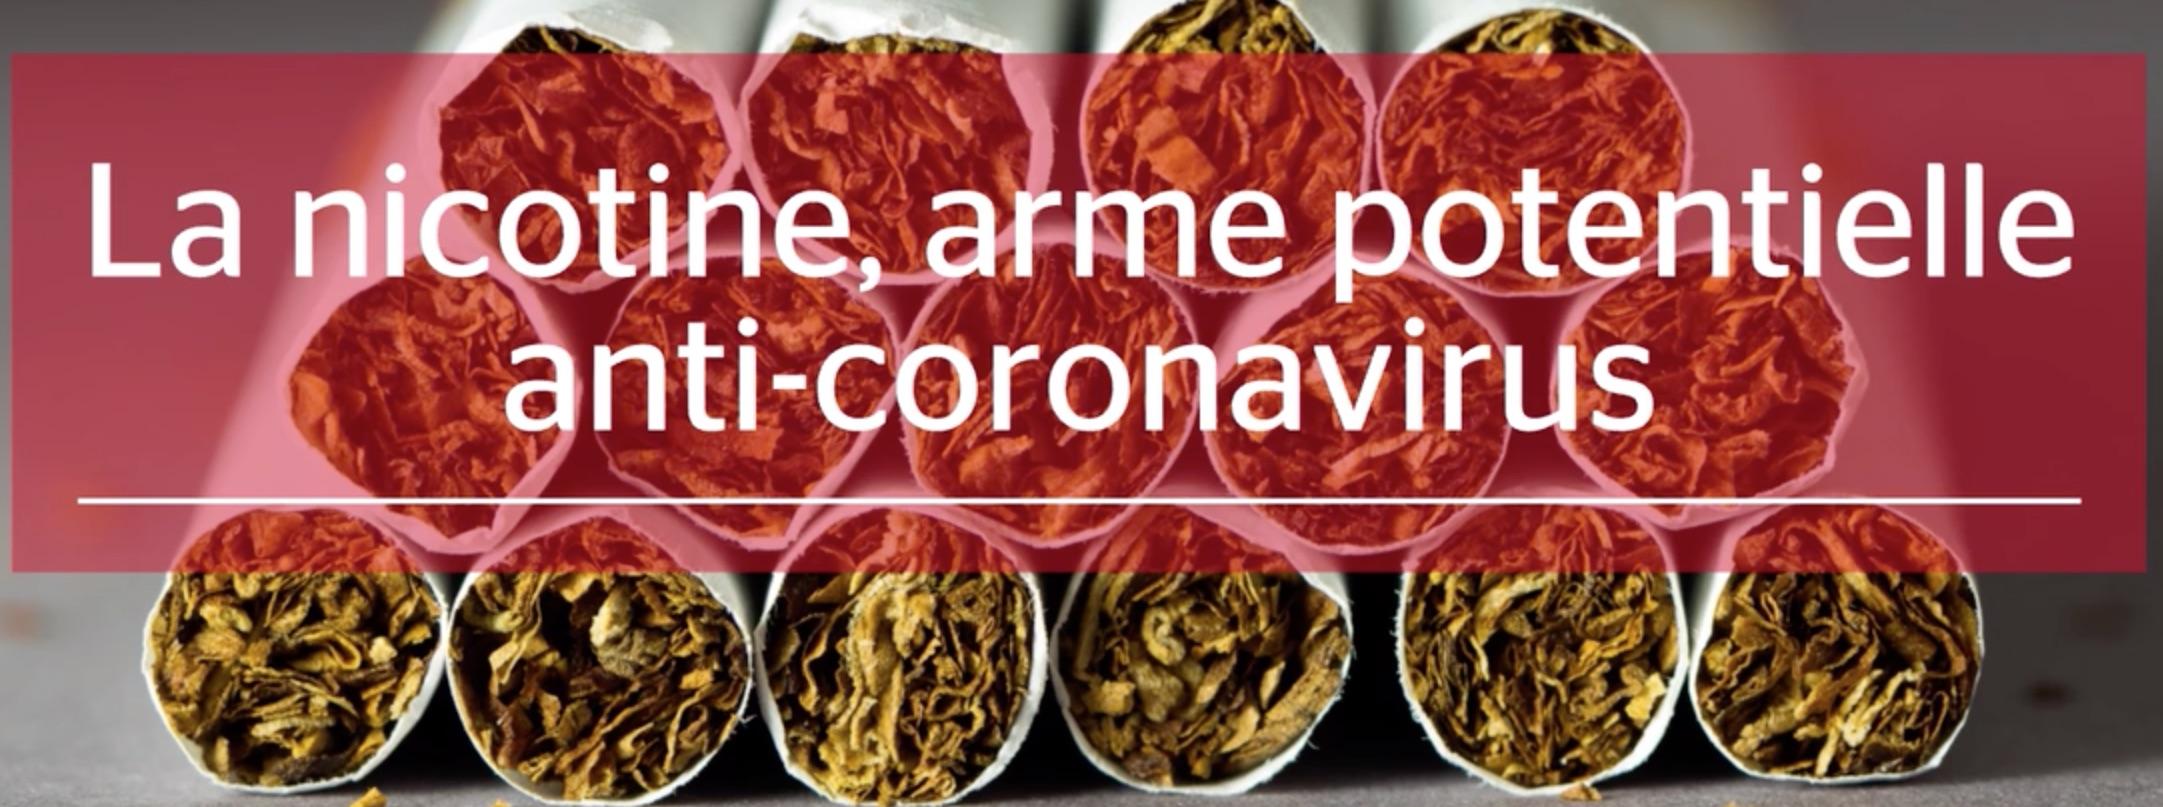 Fumer protège du Covid… les chercheurs de l'étude étaient liés à l'industrie du tabac